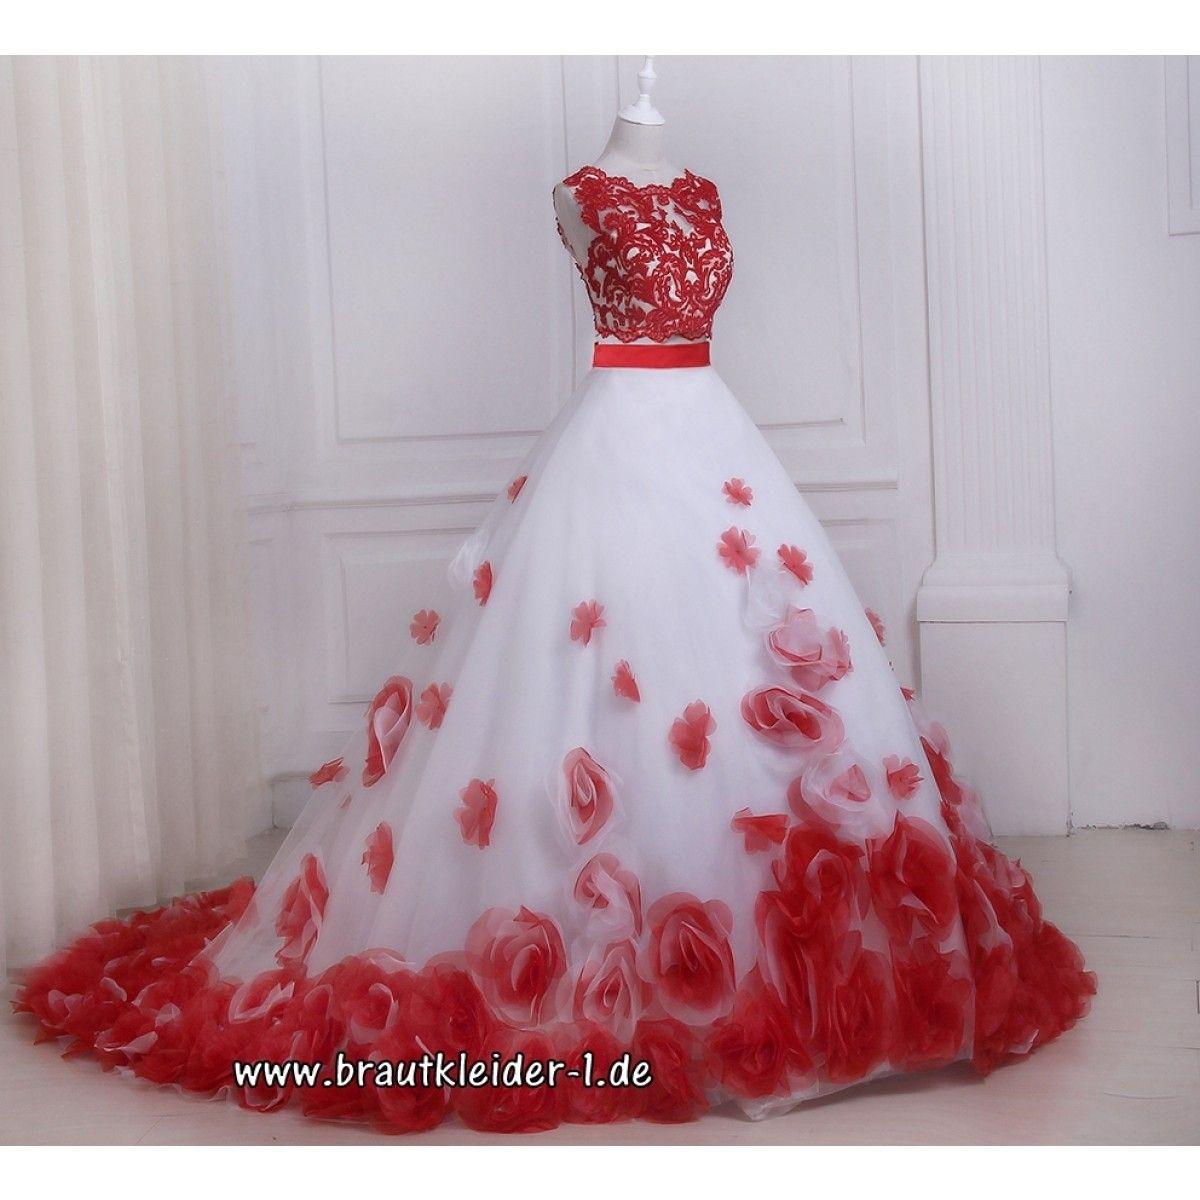 A Linie Brautkleid Dagmar in Rot Weiß mit Blumen  Rote